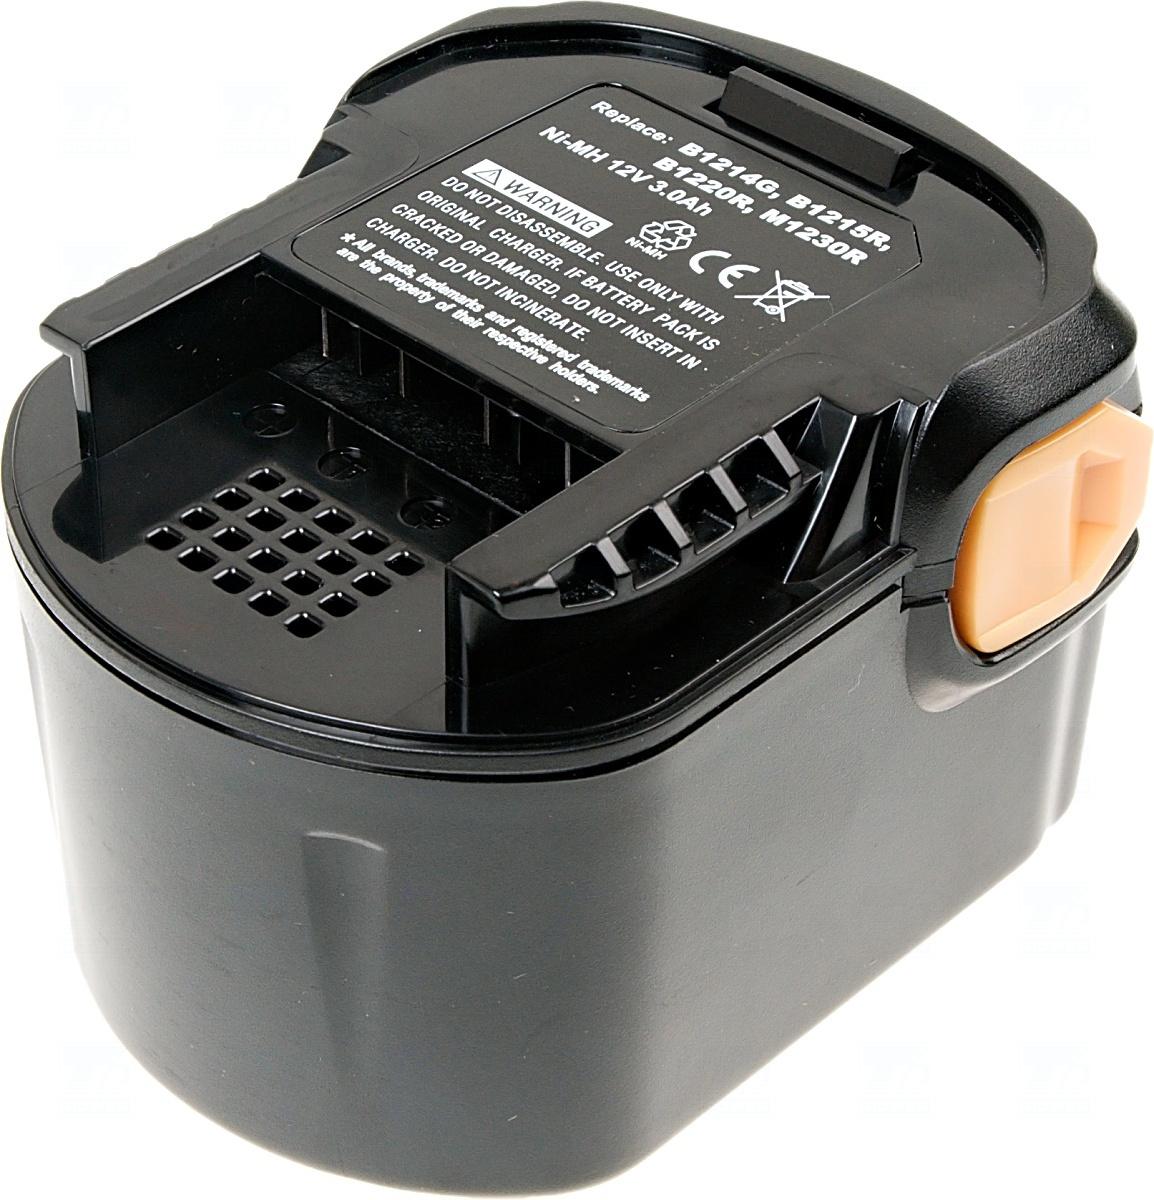 Baterie T6 power B1214G, B1215R, M1230R, B1220R